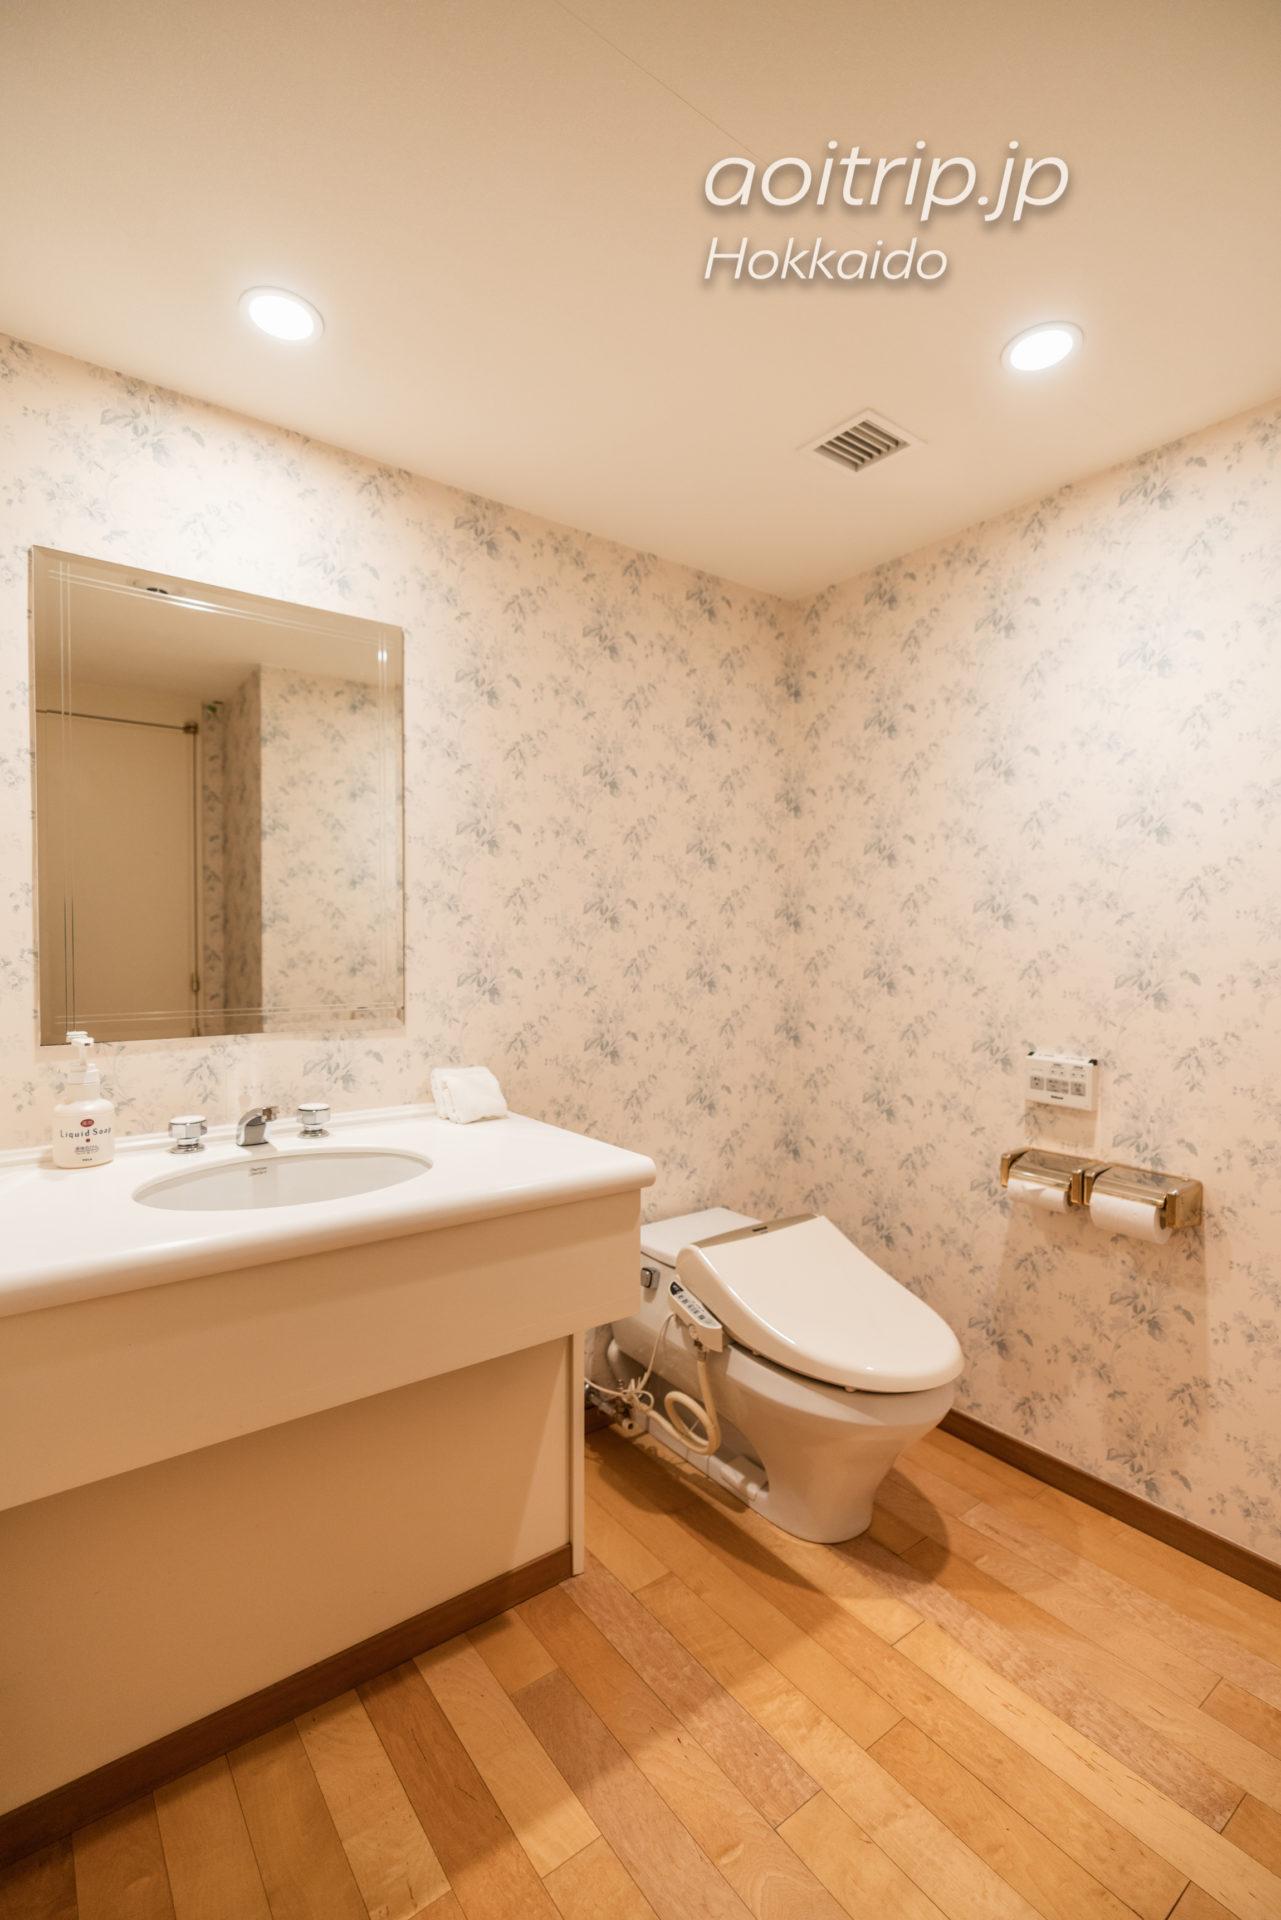 星野リゾート リゾナーレトマム 宿泊記|Hoshino Risonare Tomamu|トイレ